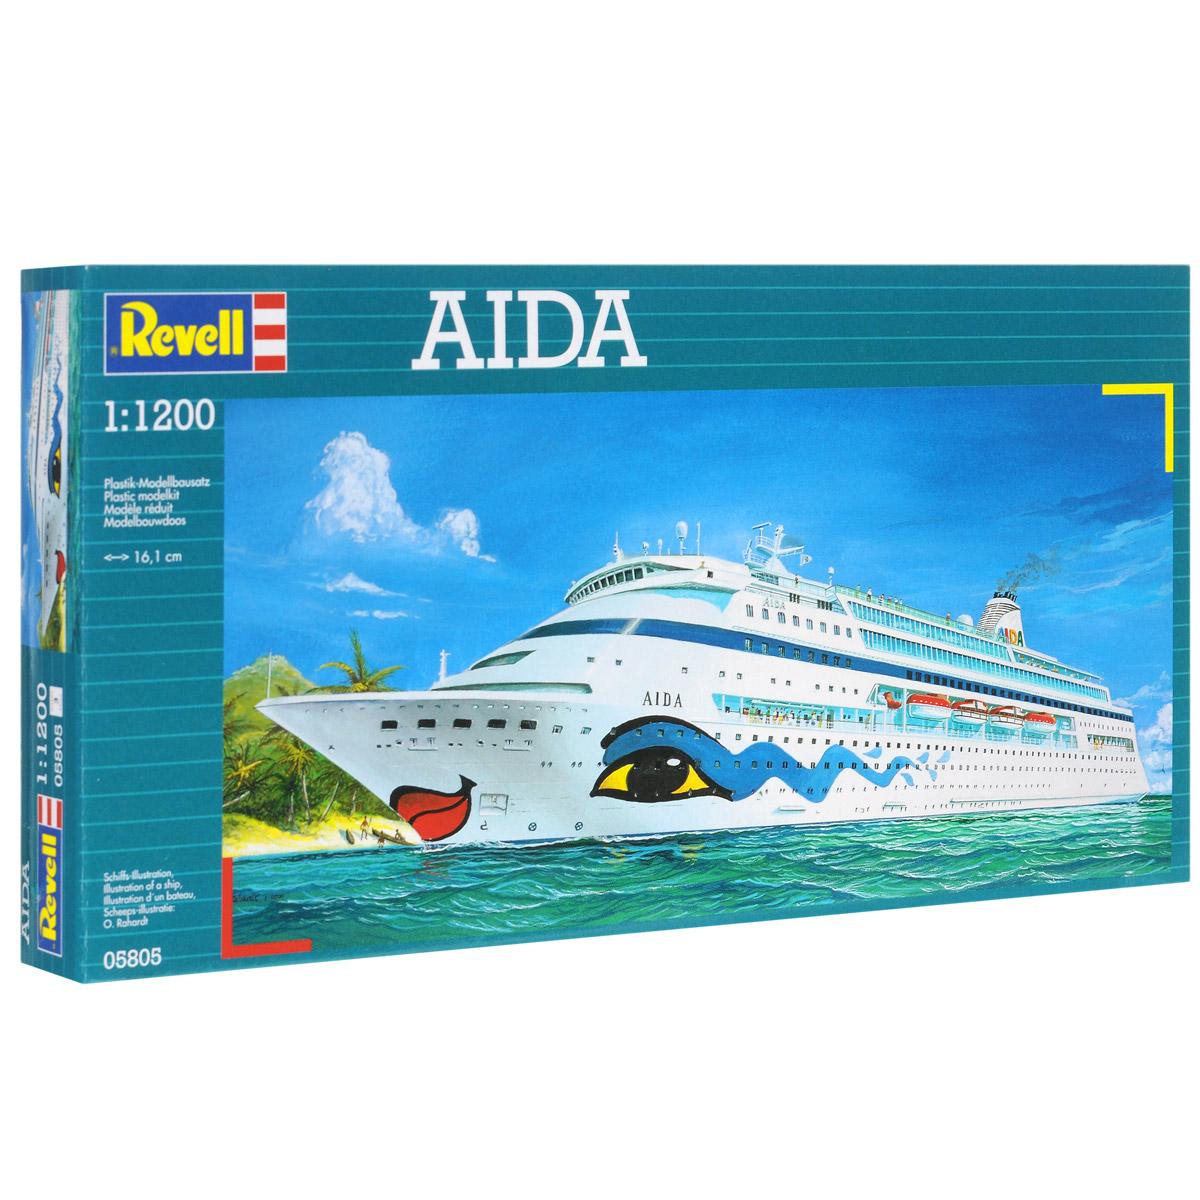 Сборная модель Revell Корабль Aida05805Сборная модель Revell Корабль Aida поможет вам и вашему ребенку придумать увлекательное занятие на долгое время. Набор включает в себя 28 пластиковых элементов, из которых можно собрать достоверную уменьшенную копию одноименного корабля. Флот компании Aida является одним из самых современных и экологически чистых в мире. Каждый корабль флота располагает несколькими ресторанами и барами, фитнес-клубами, кинотеатрами, казино и спортивными площадками. Также в наборе схематичная инструкция по сборке. Процесс сборки развивает интеллектуальные и инструментальные способности, воображение и конструктивное мышление, а также прививает практические навыки работы со схемами и чертежами. Уровень сложности: 3. УВАЖАЕМЫЕ КЛИЕНТЫ! Обращаем ваше внимание на тот факт, что элементы для сборки не покрашены. Клей и краски в комплект не входят.